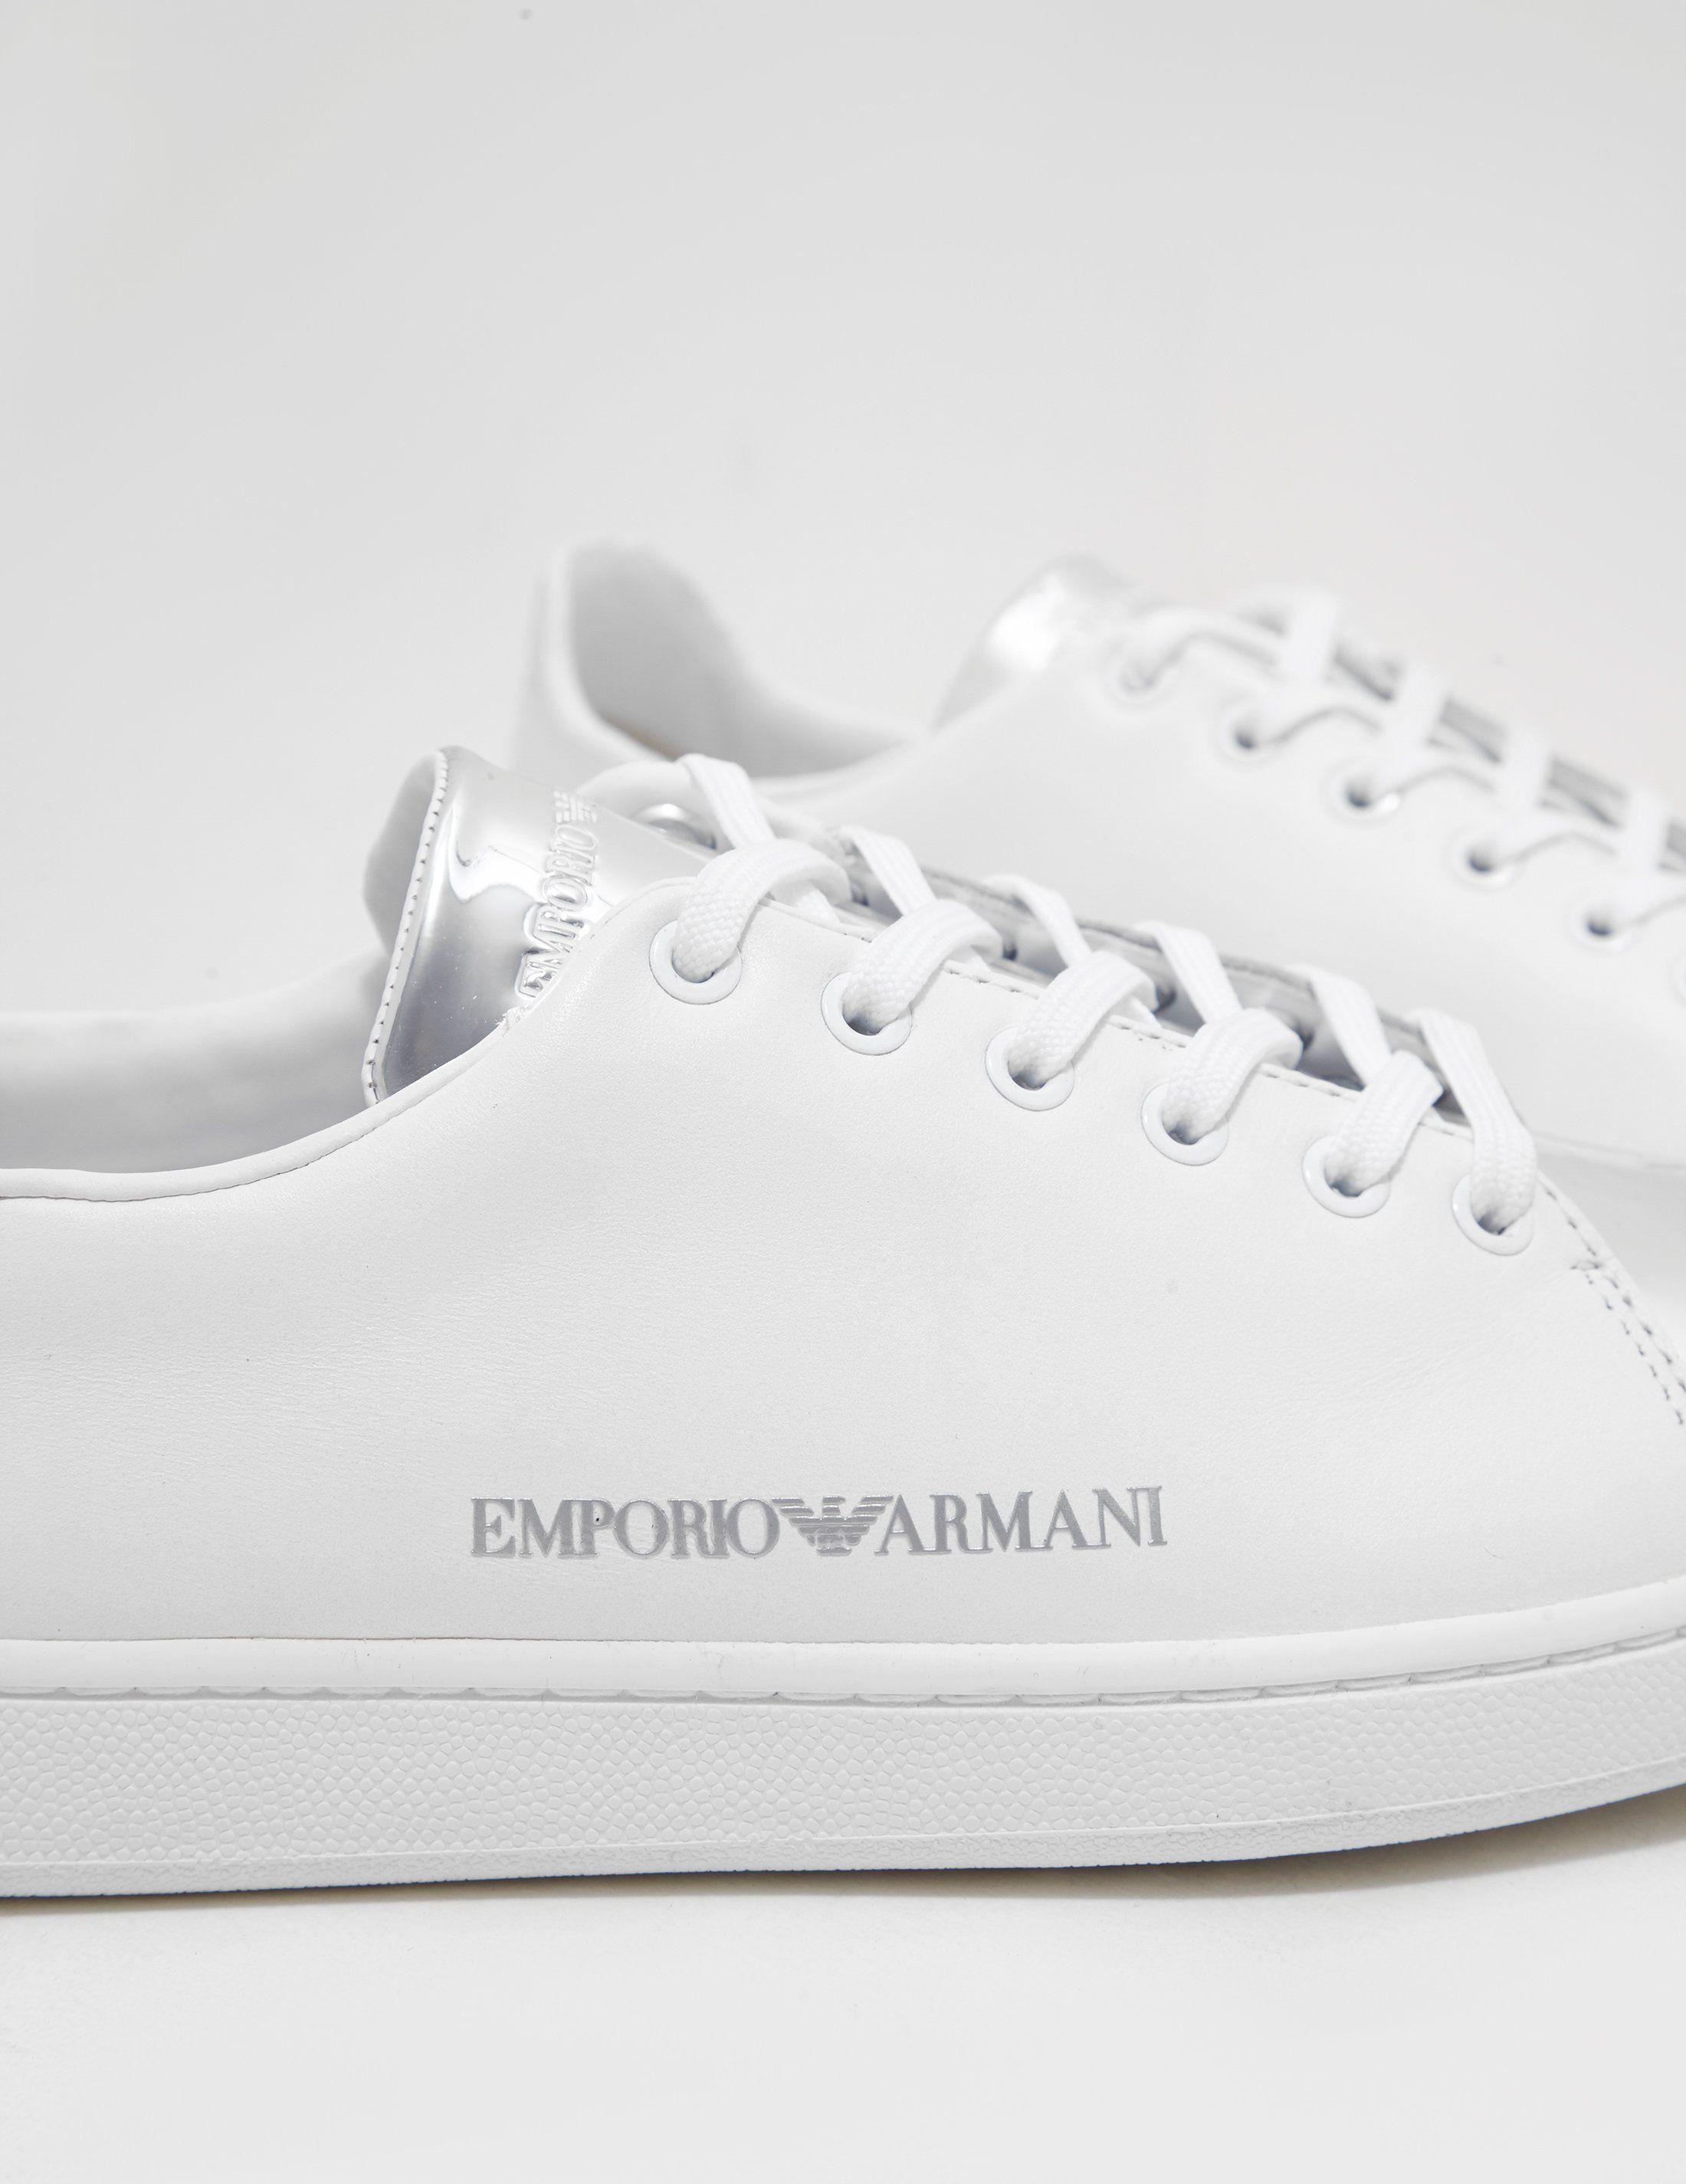 Emporio Armani Mirror Toe Trainers